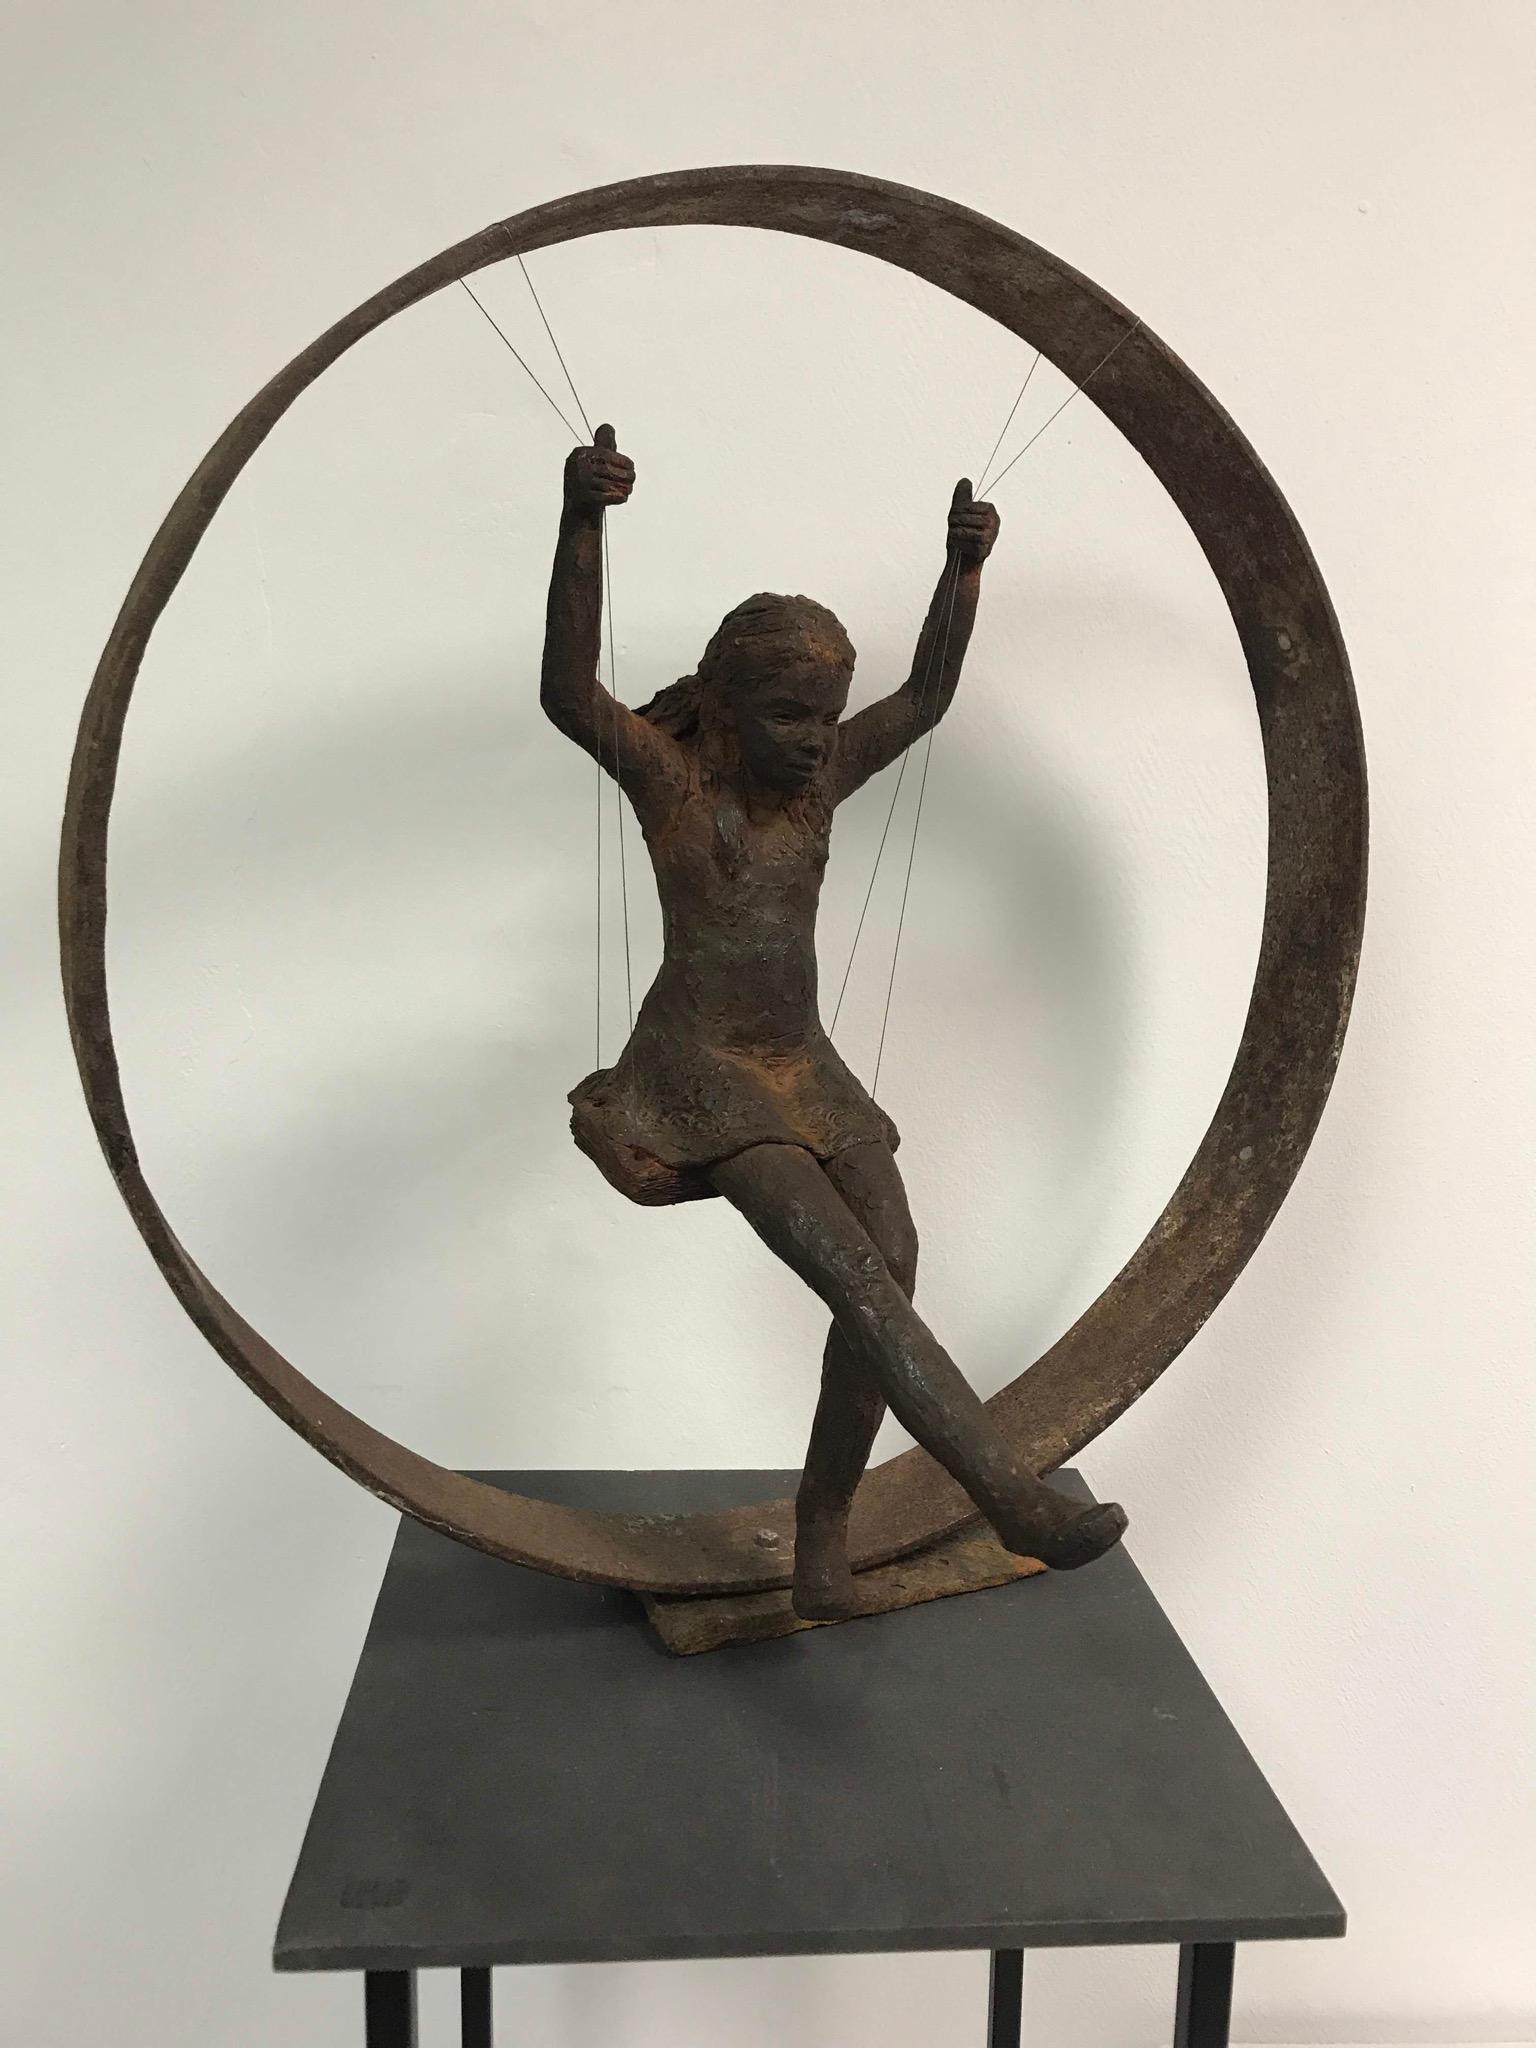 Sculpture terre cuite patinée petite fille balançoire dans un cercle